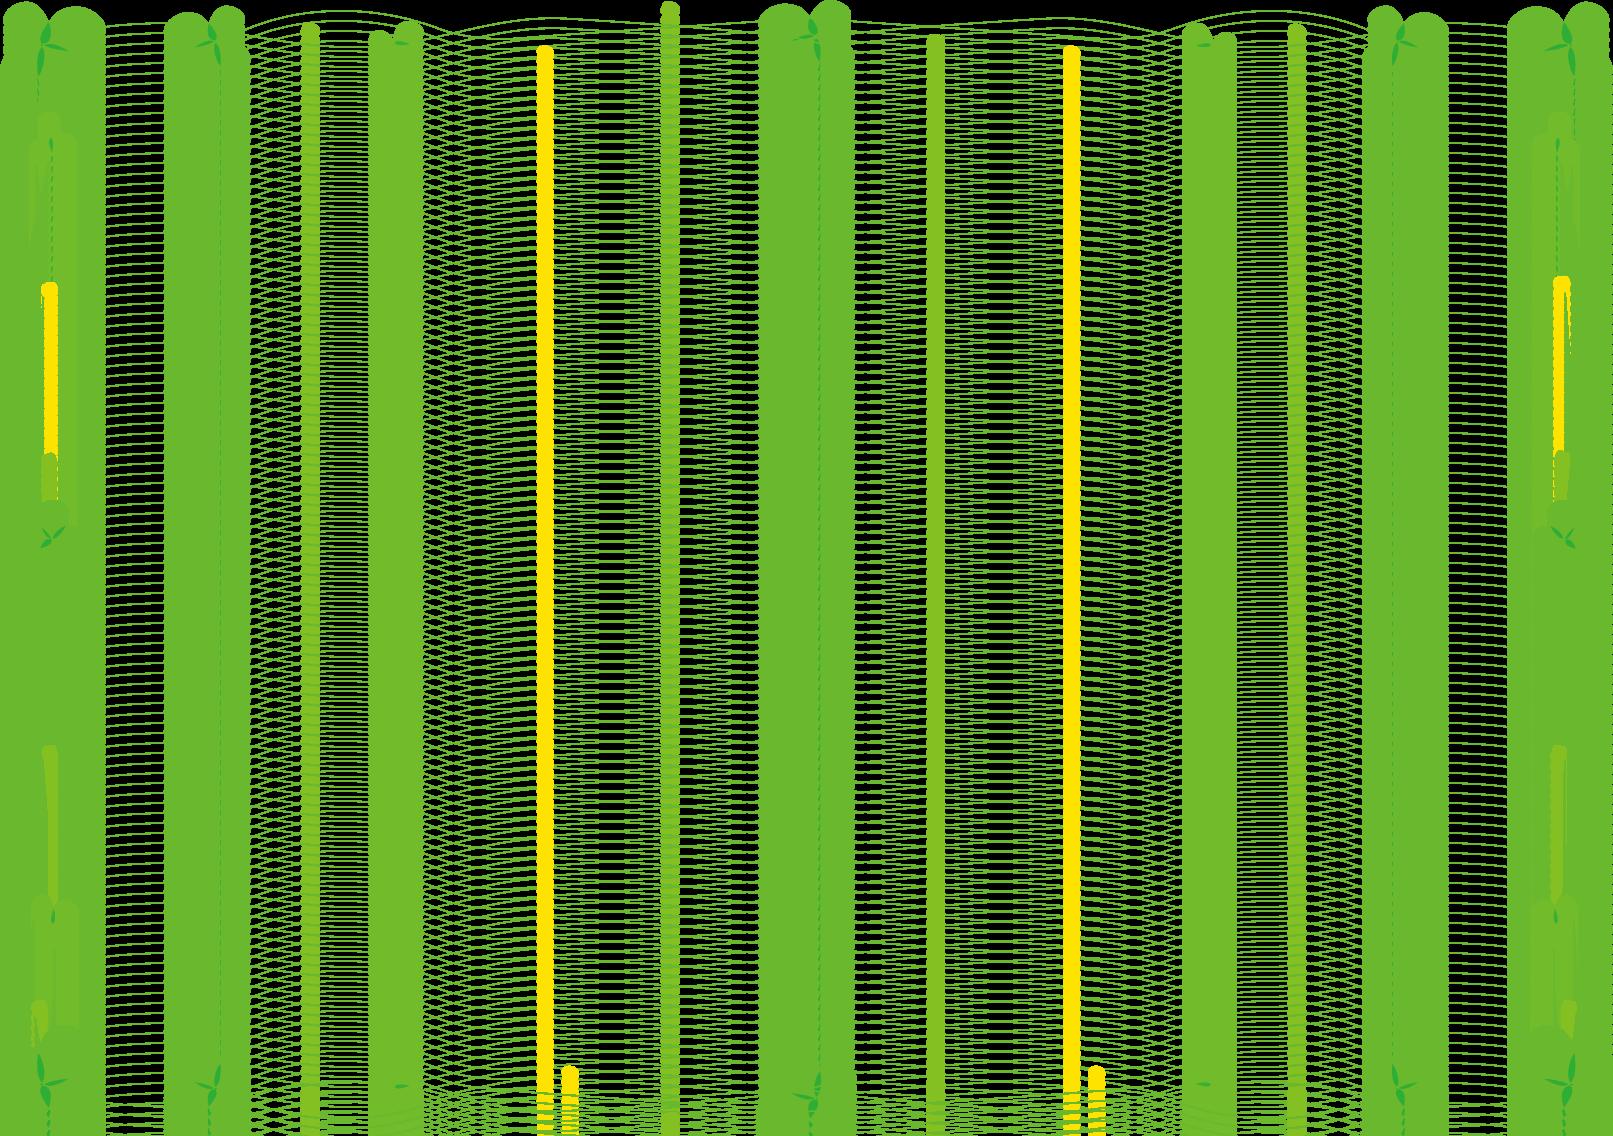 枠 飾り枠 飾り罫 飾り線 クローバーおしゃれなデザイン 無料イラスト素材